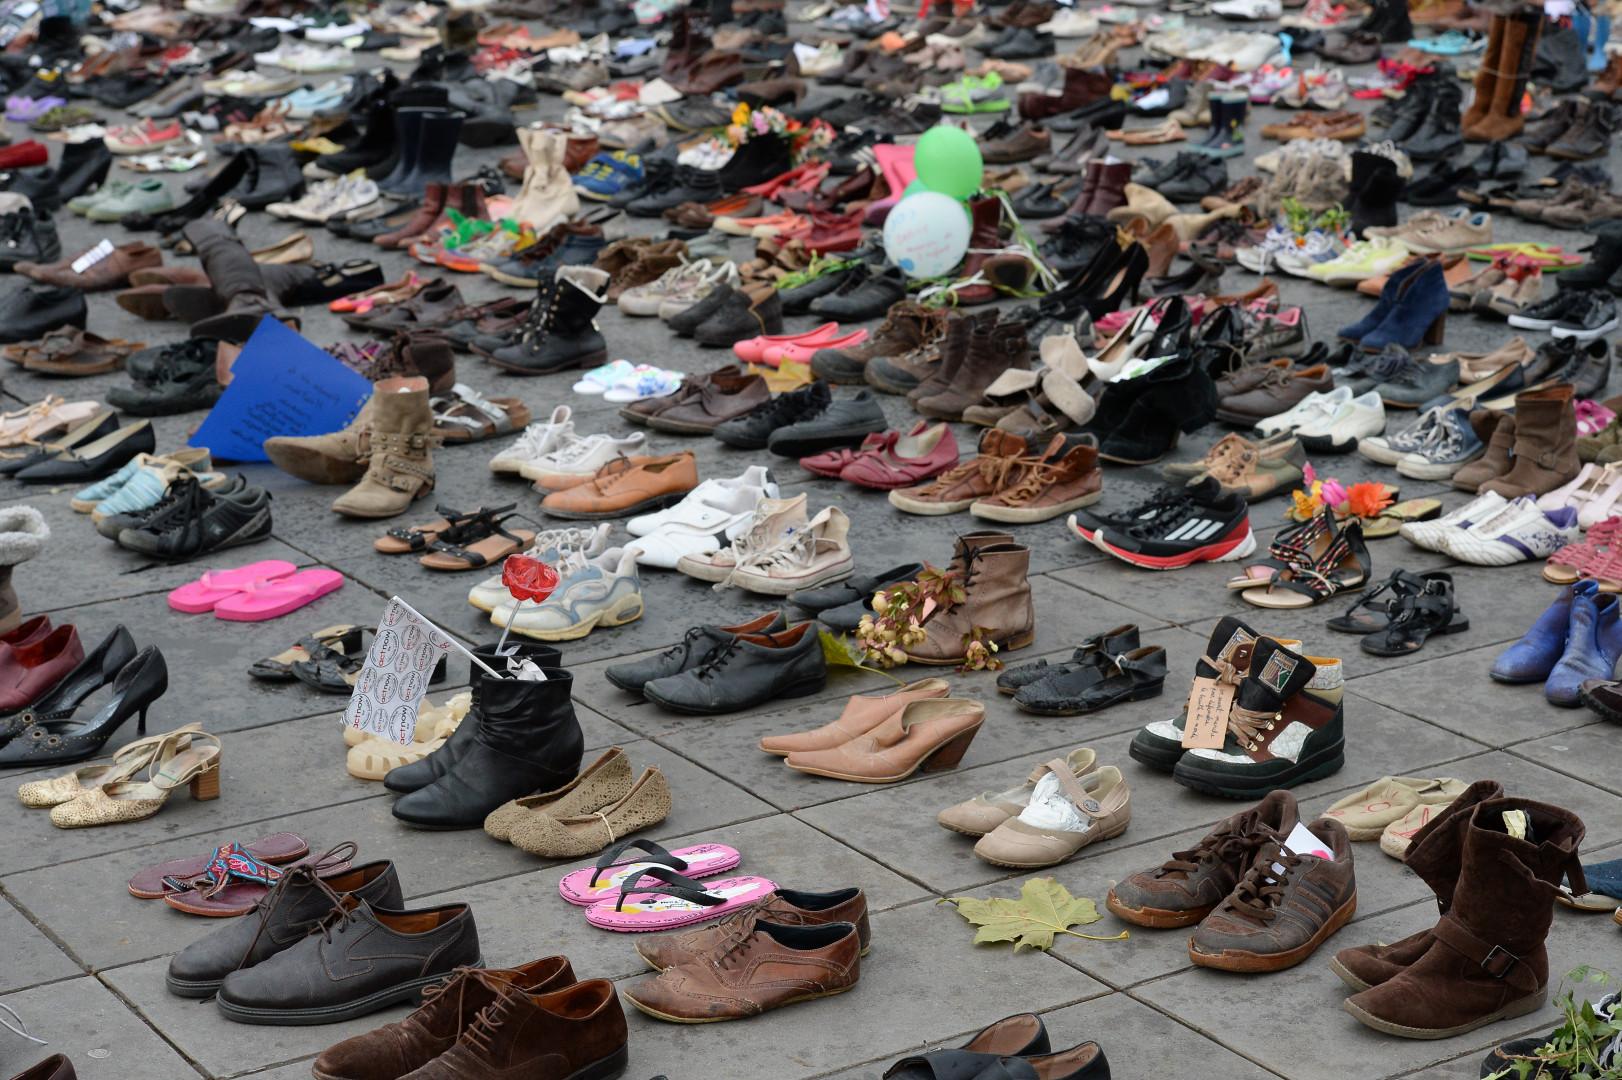 Les chaussures ont été récoltées et déposées par l'ONG internationale Avaaz, à la veille du début de la COP21